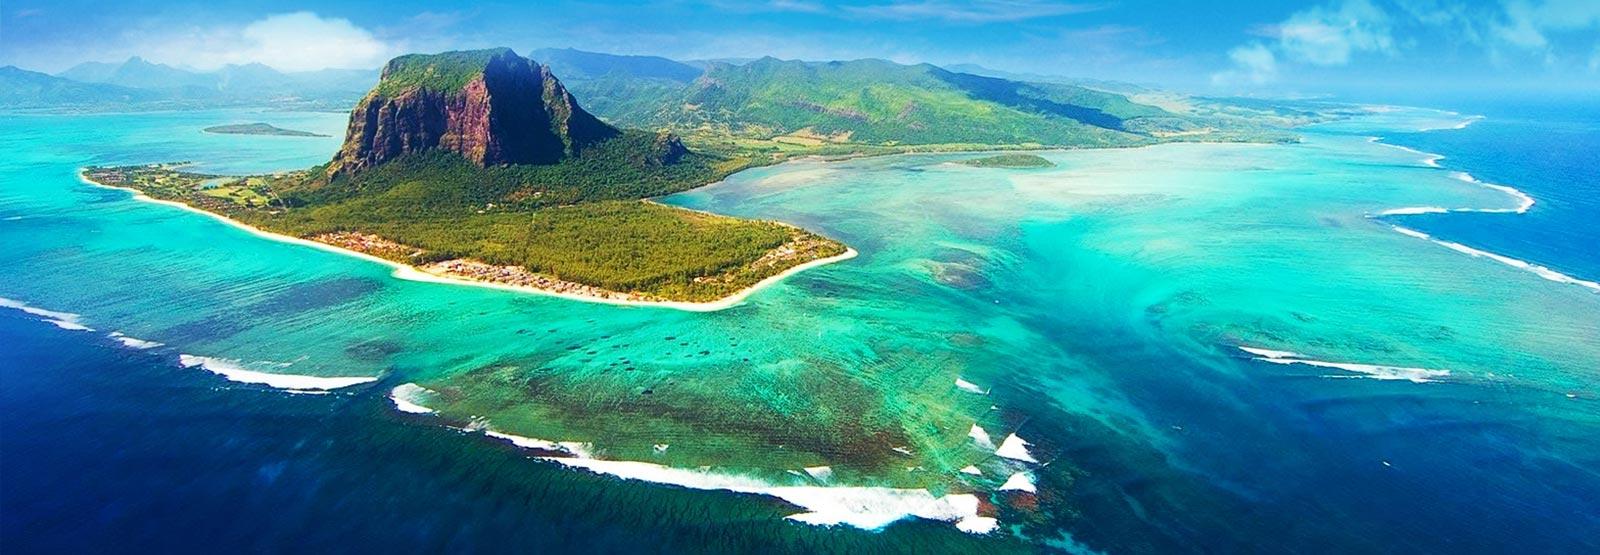 Frankfurt - Mauritius Hin- und zurück für 22 Tage mit LH Last Minute